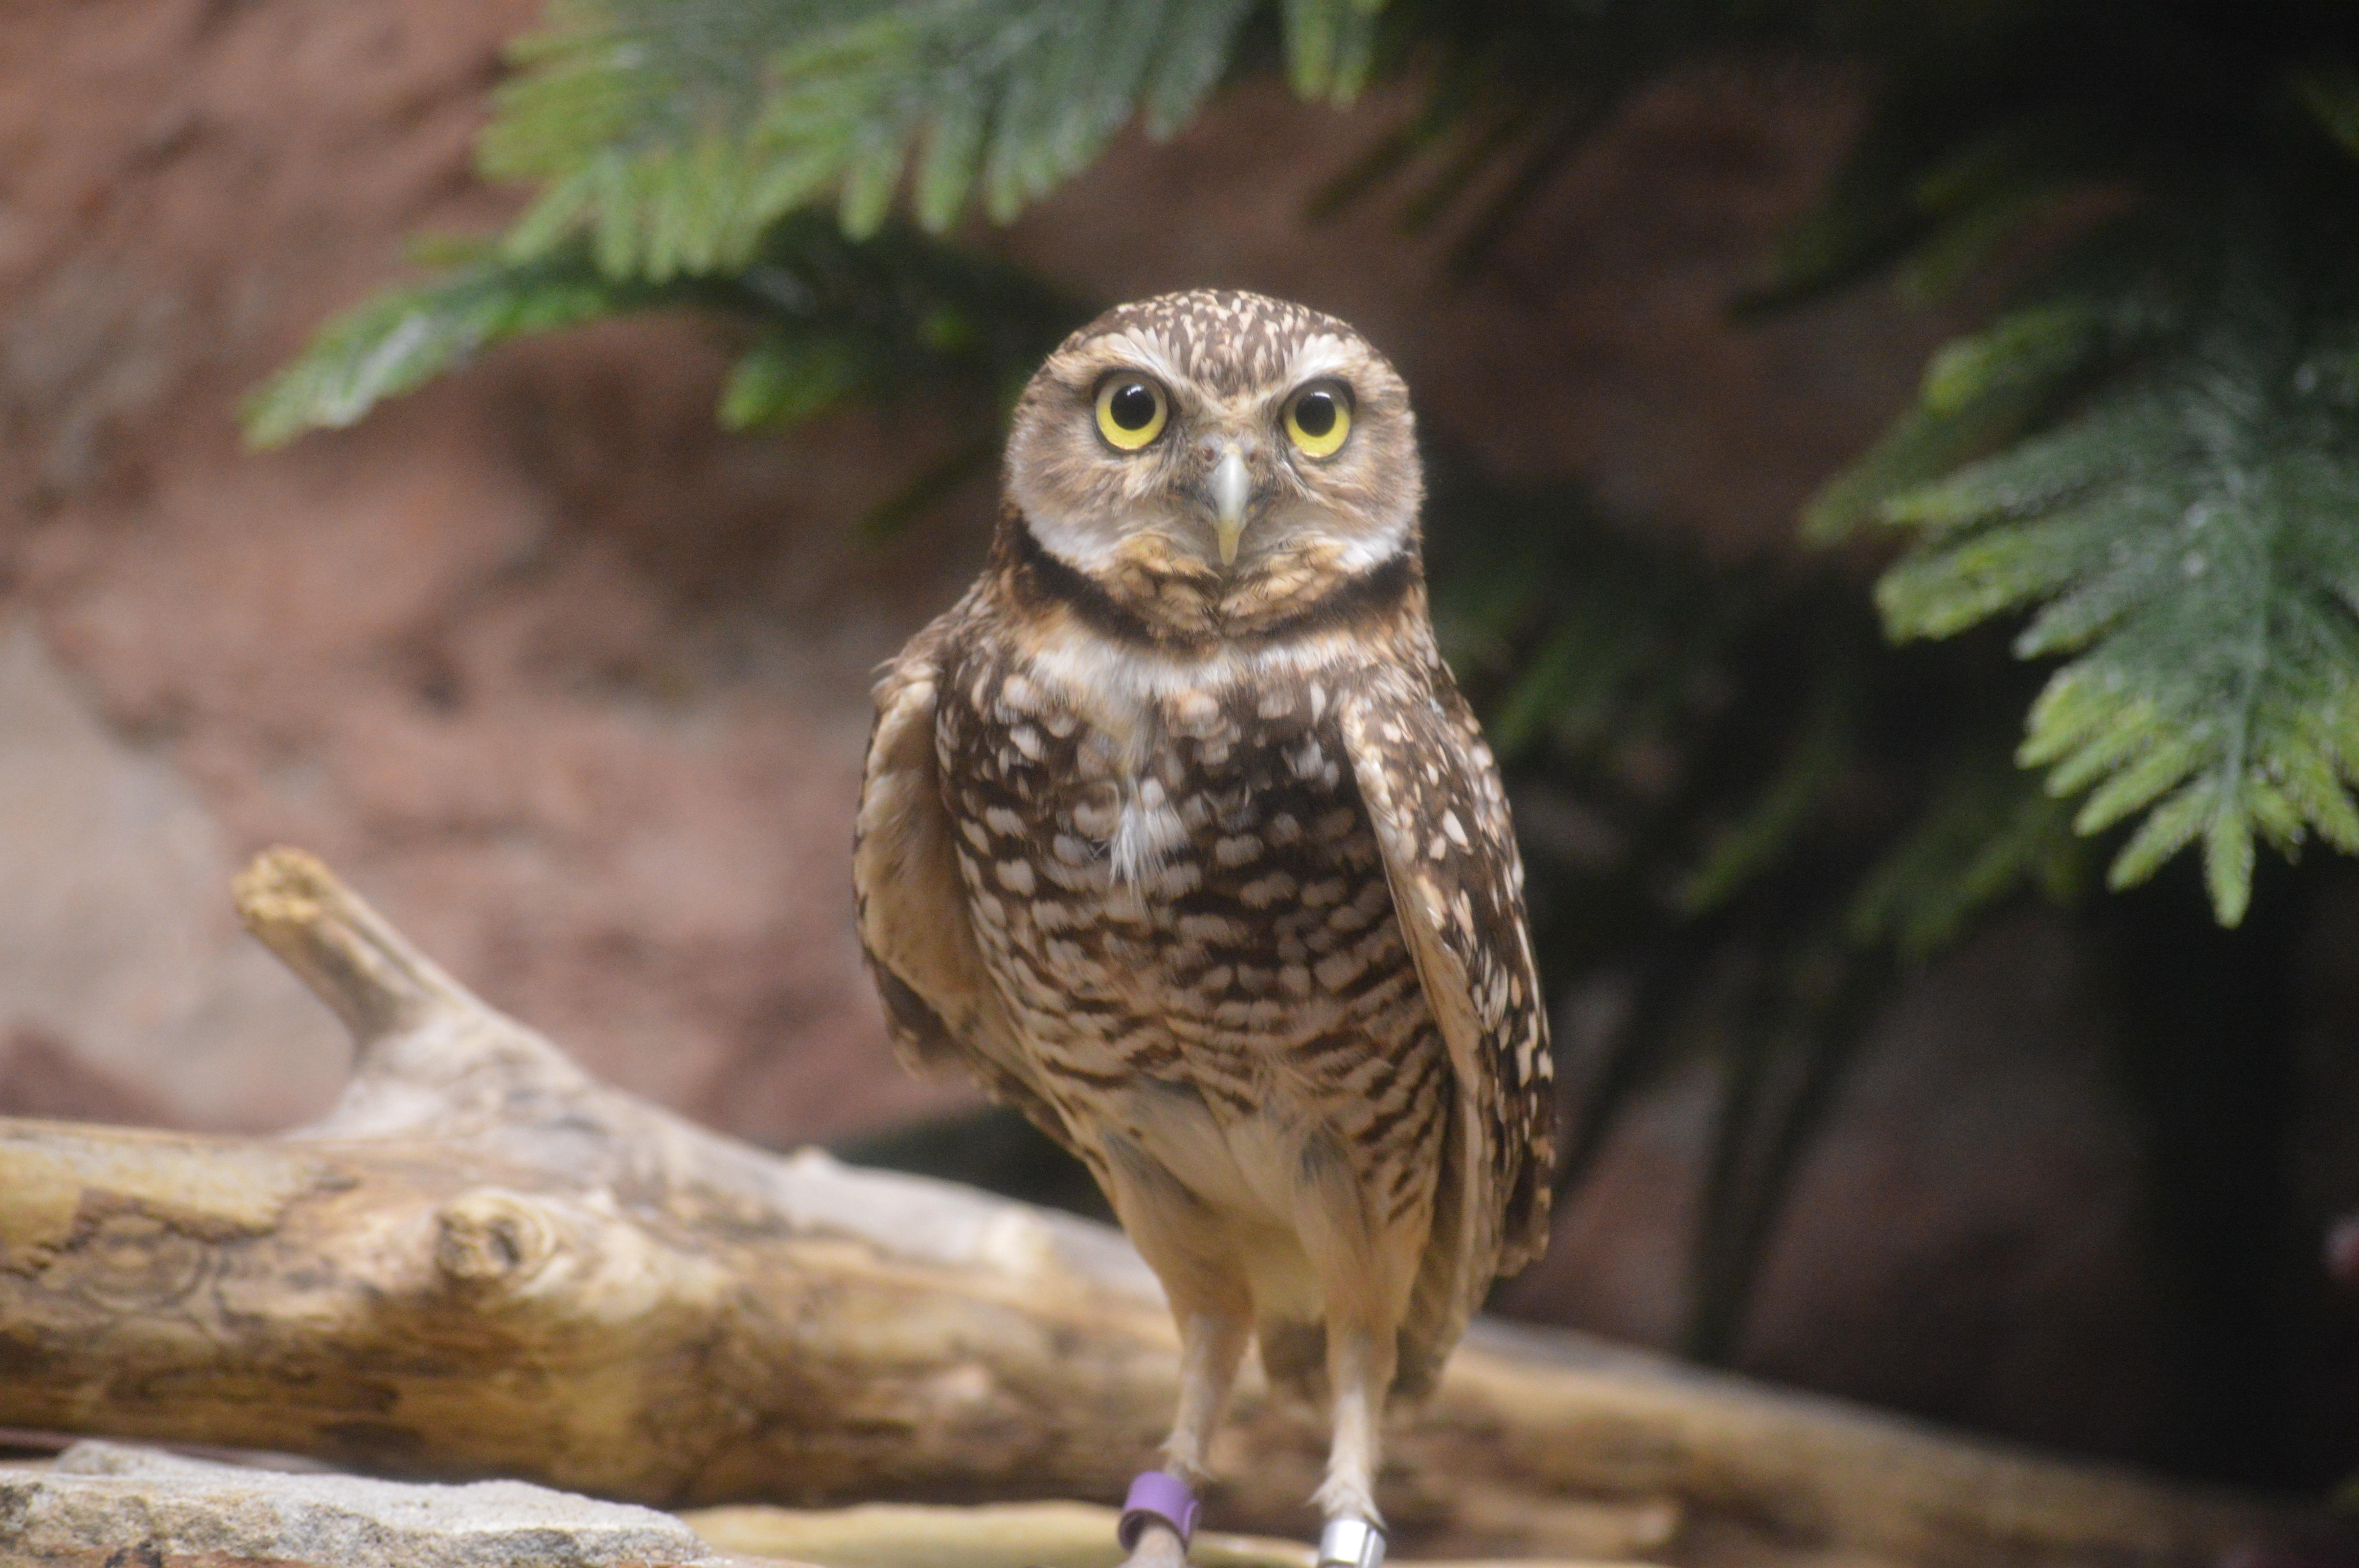 Images gratuites faune le bec hibou plume oiseau de proie en plein air pois les yeux - Image de chouette gratuite ...